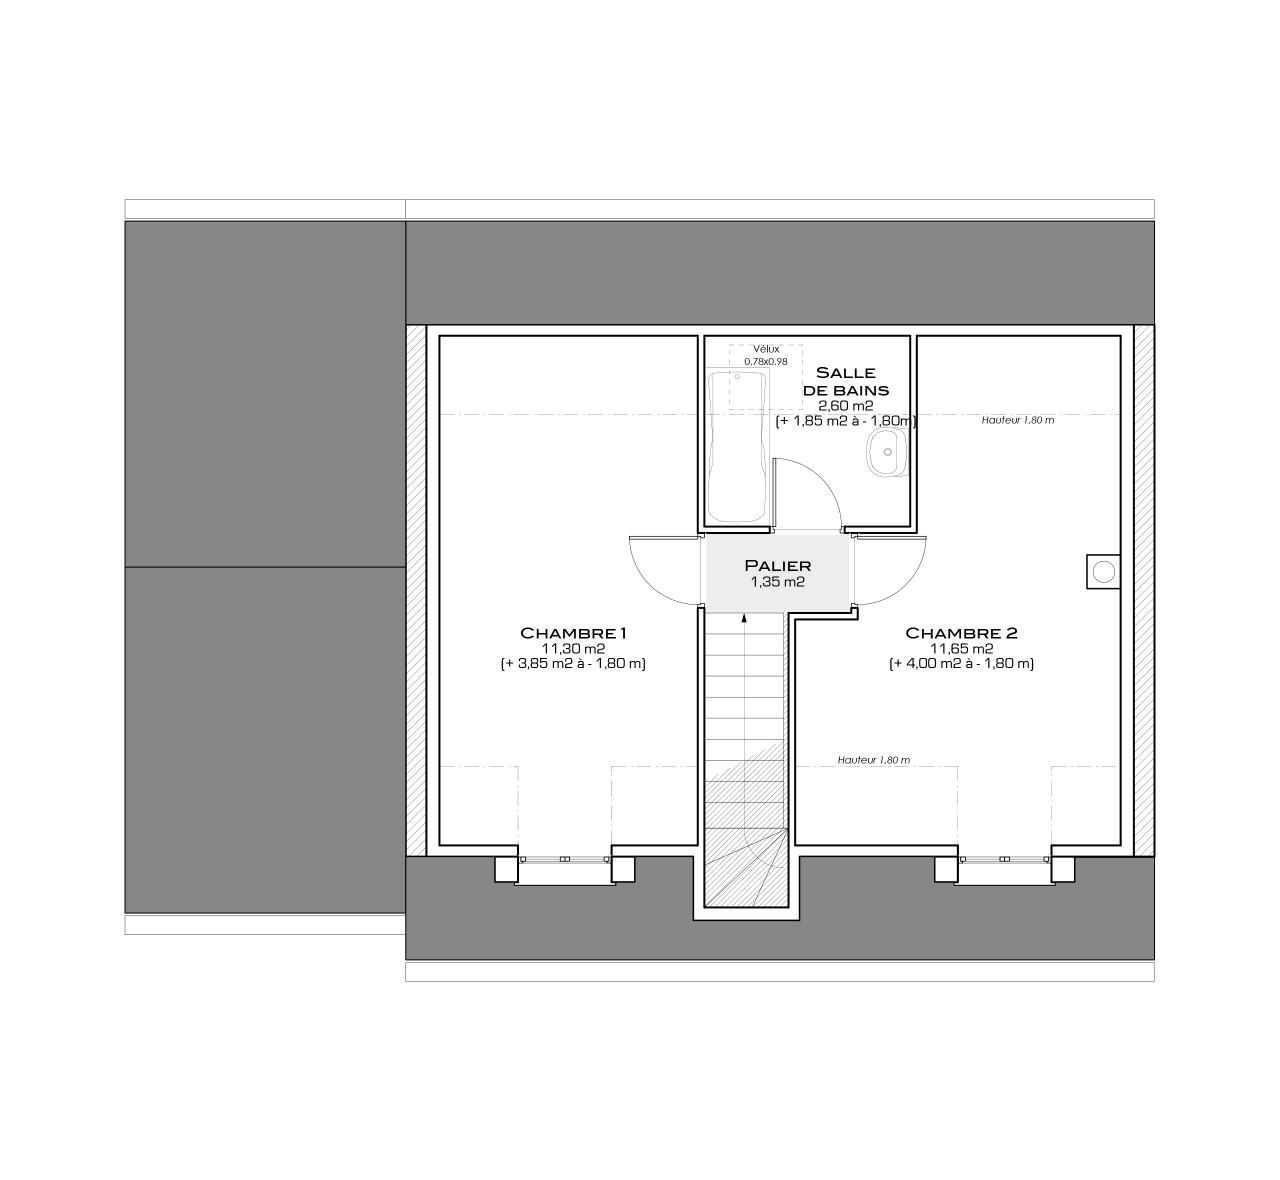 Prix d une maison sans terrain maison neuve vente maison for Prix de maison neuve sans terrain